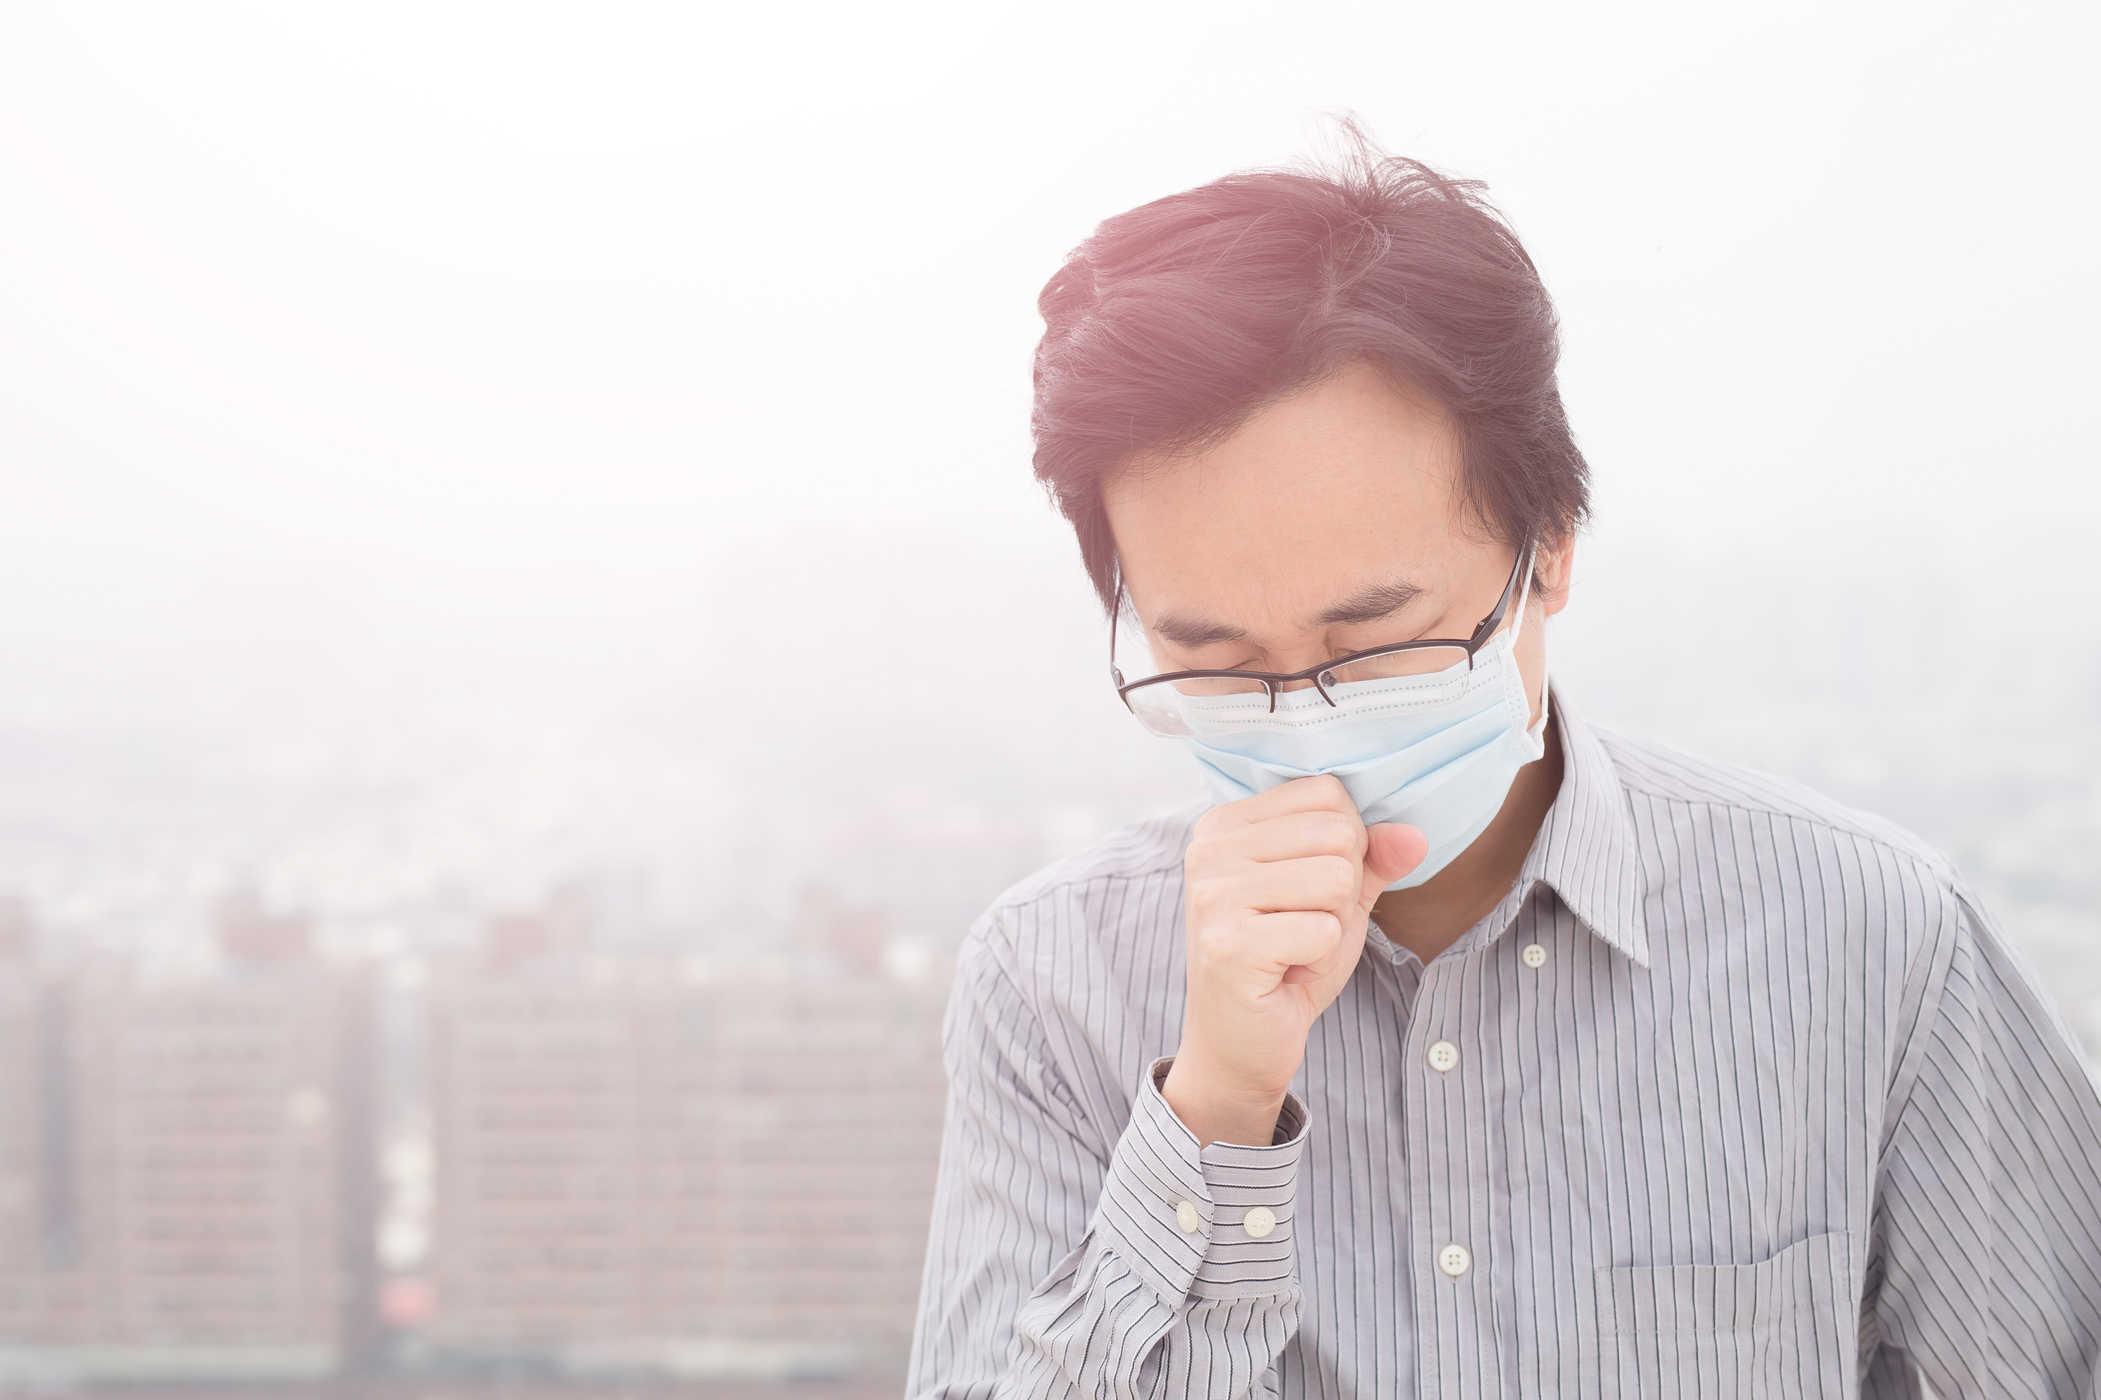 Загрязнение воздуха снизило способности к математике и языку